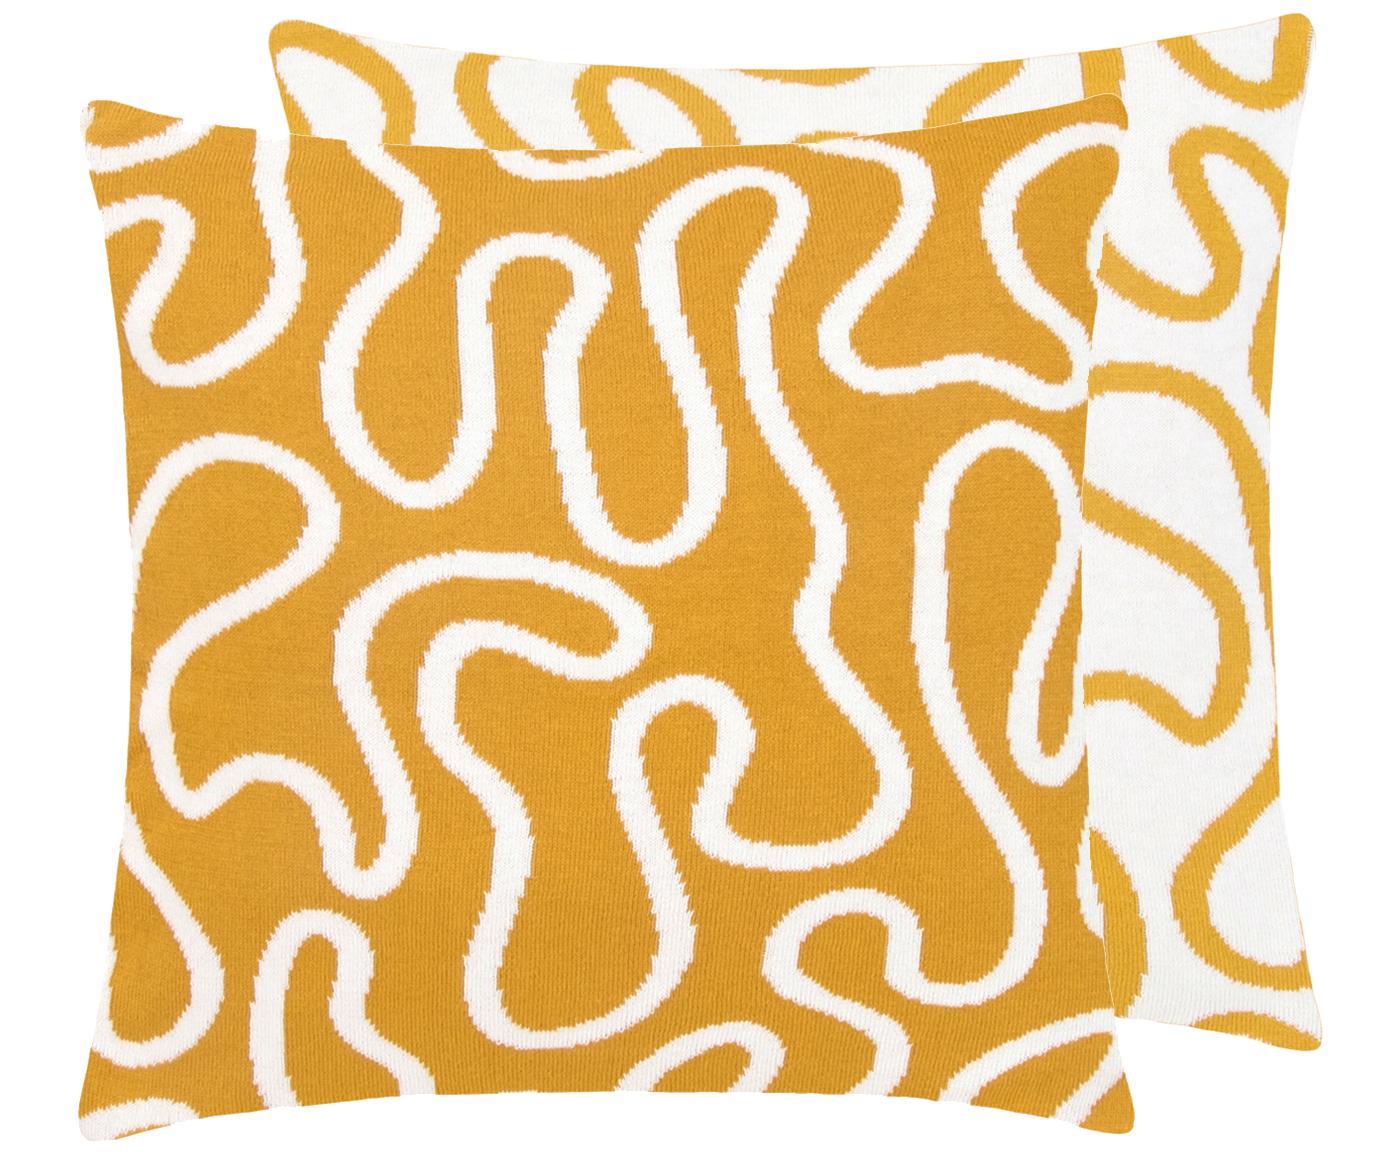 Feinstrick-Wendekissenhülle Amina mit abstraktem Linienmuster, 100% Baumwolle, Gelb/Weiss, 40 x 40 cm